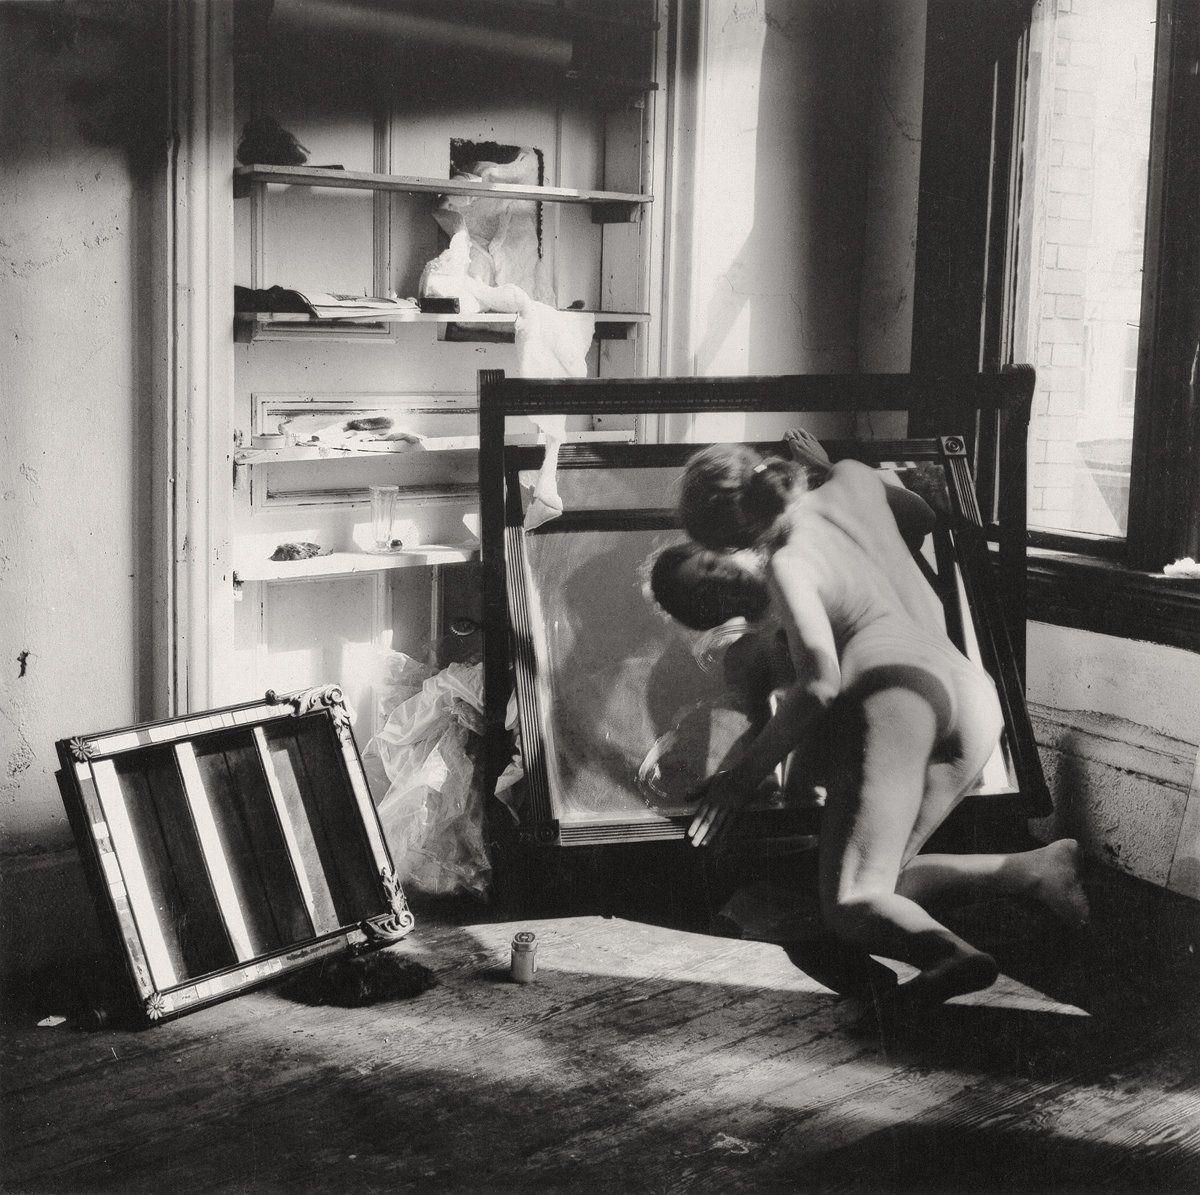 Francesca Woodman: Works from the Sammlung Verbund